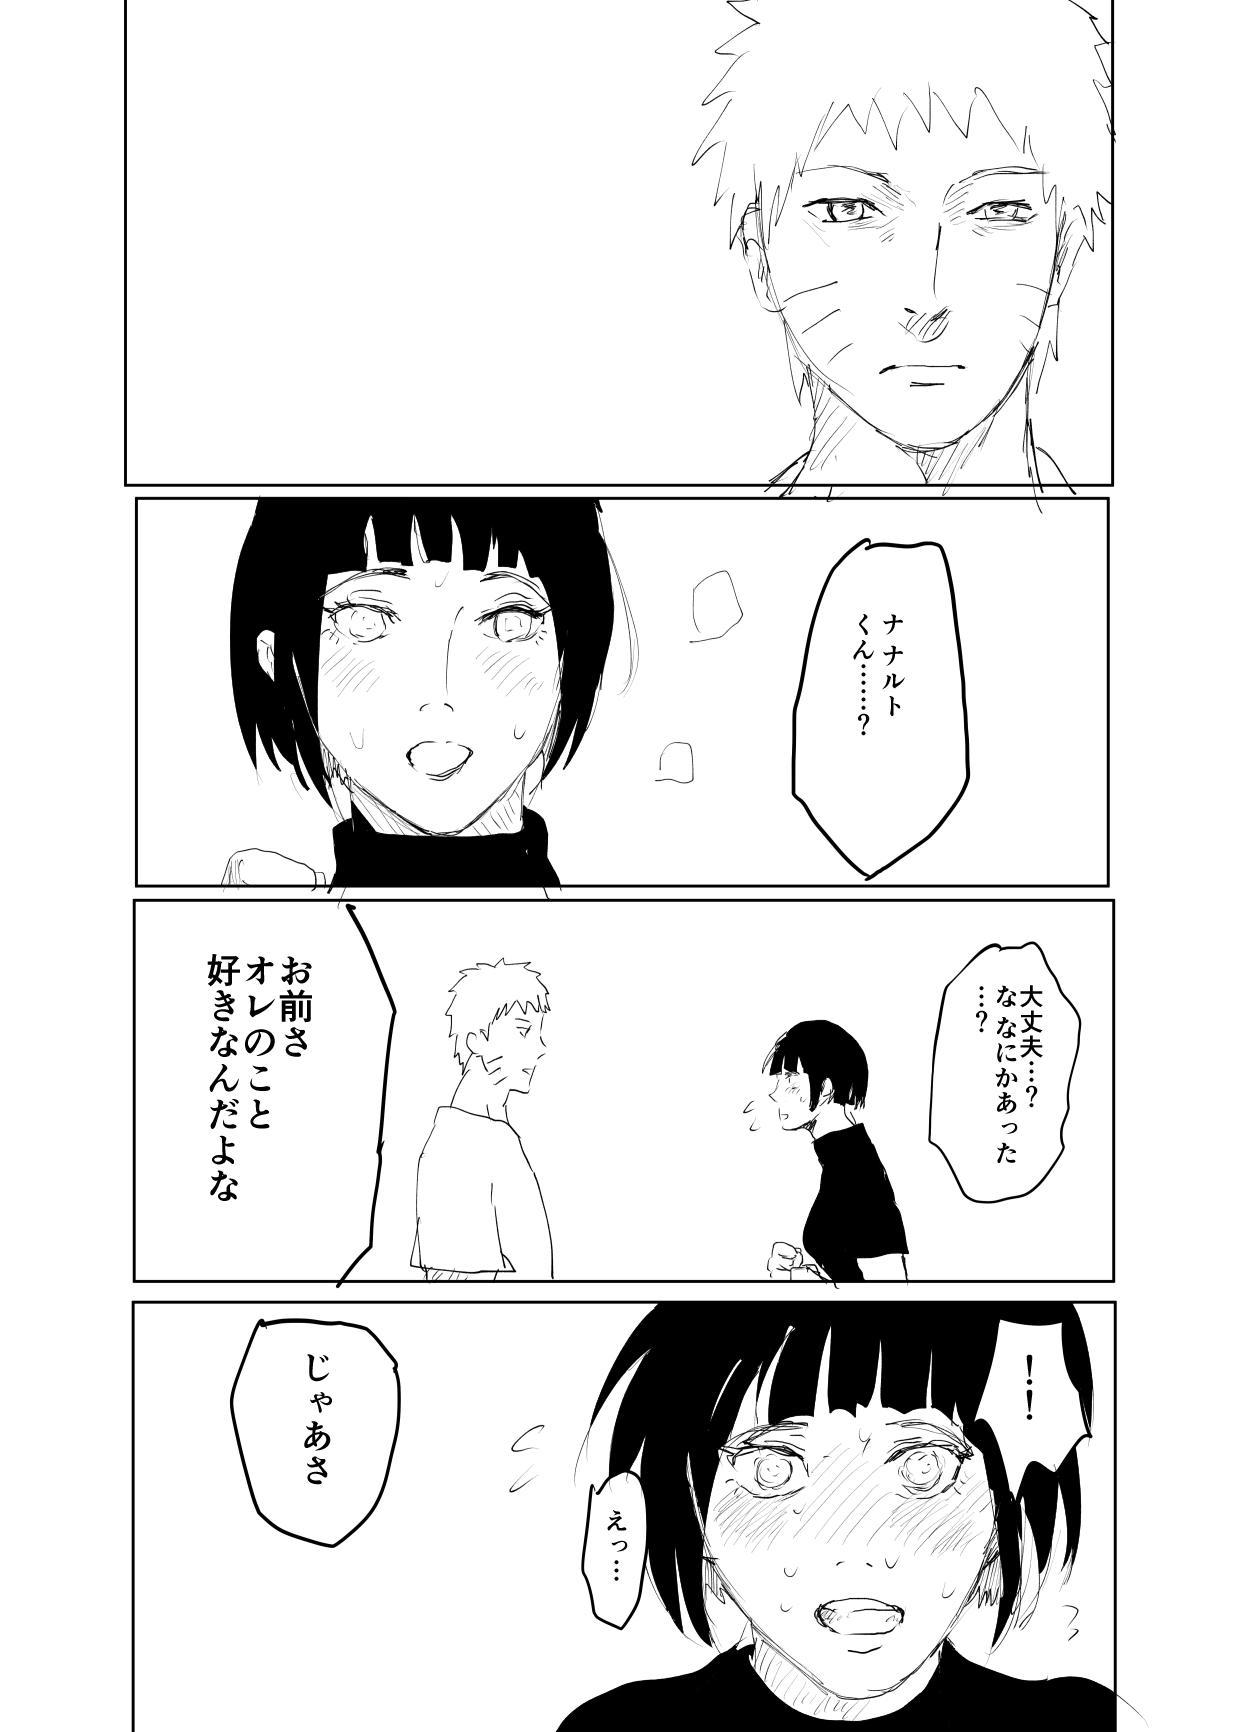 嘘告白漫画 66